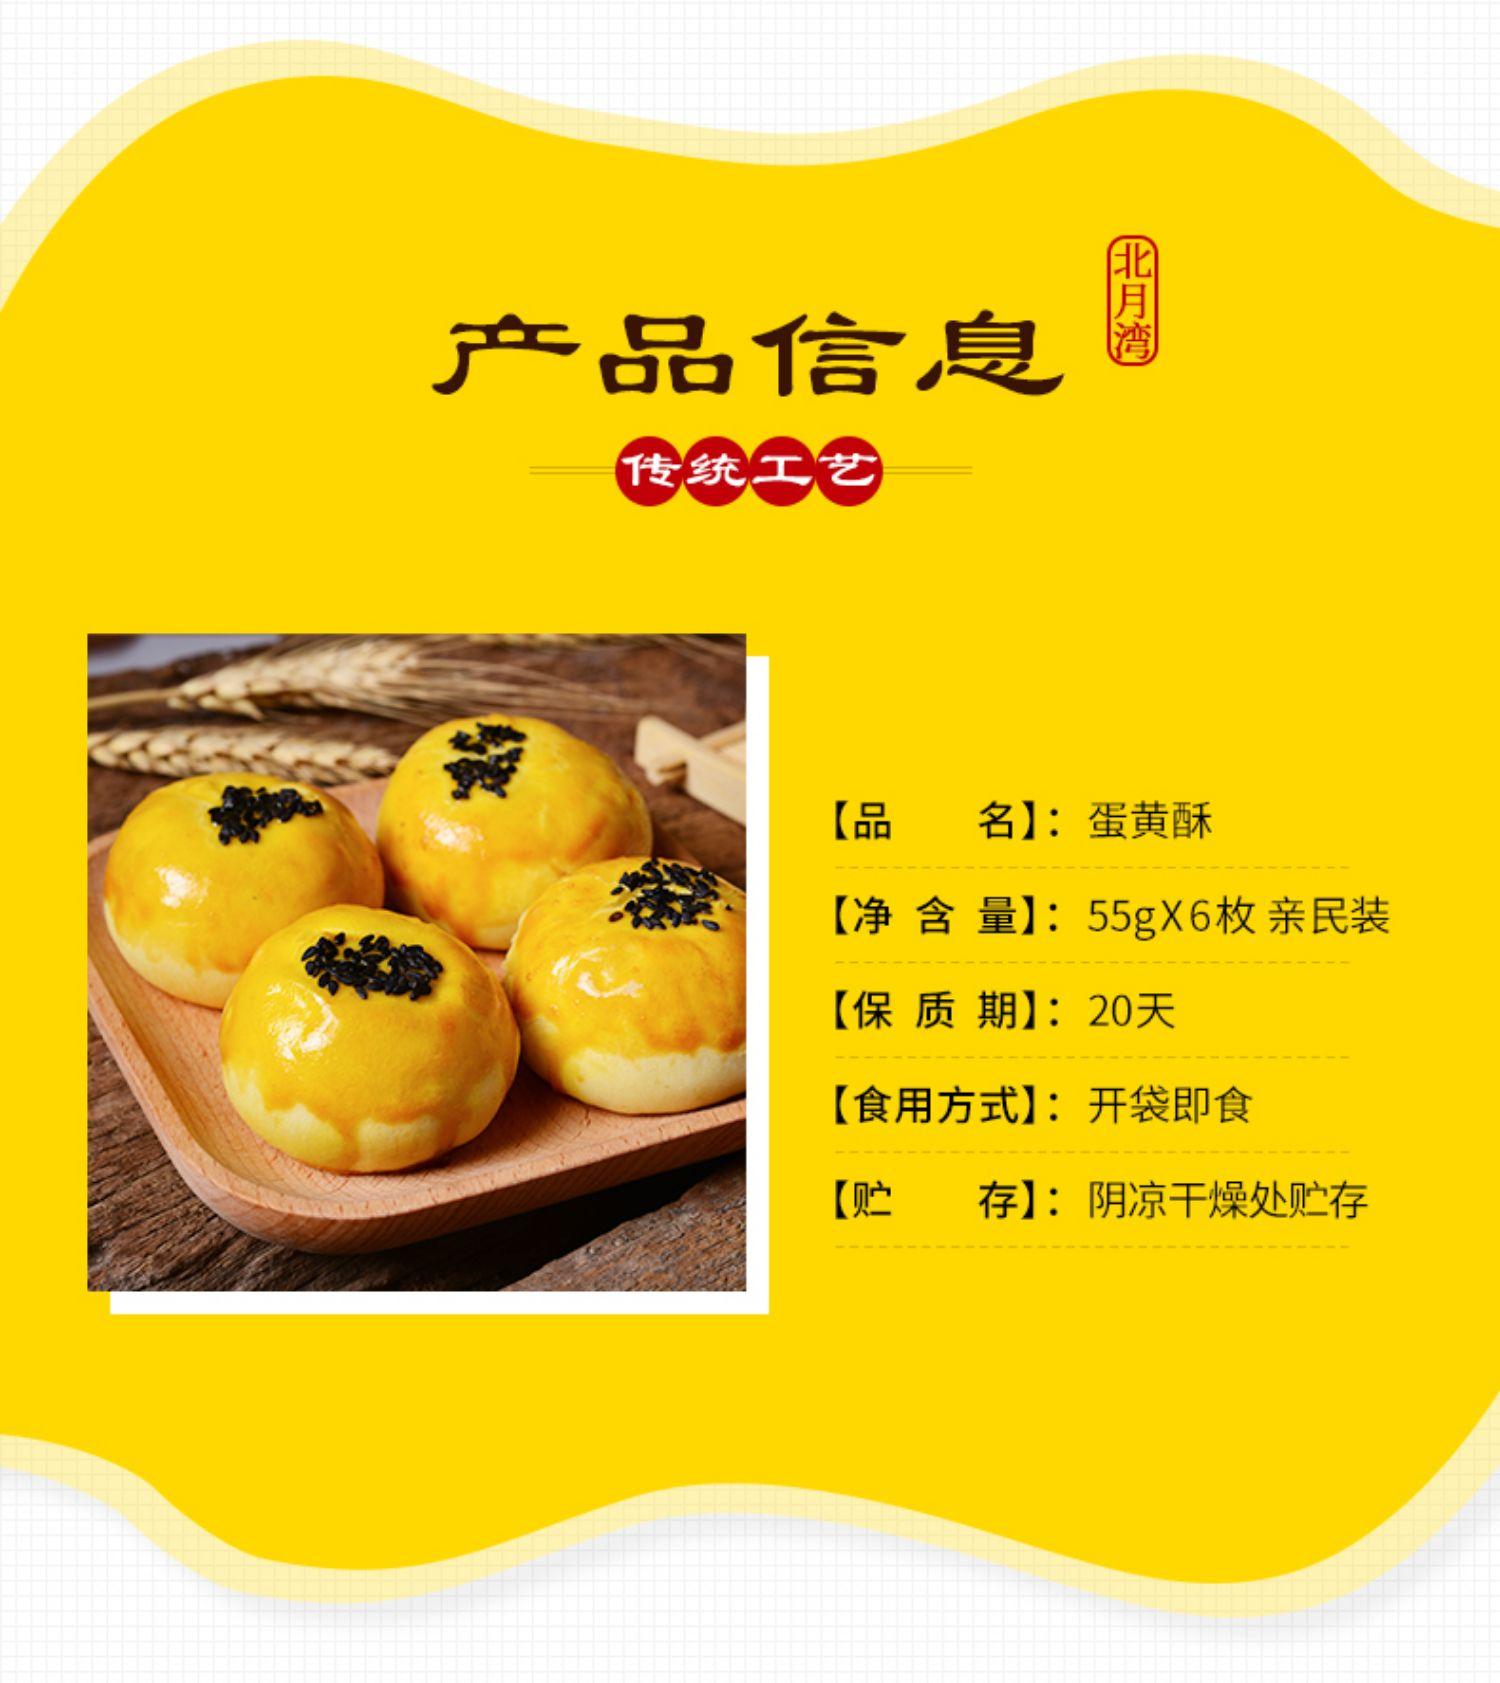 北月湾红豆雪媚娘麻薯办公室蛋黄酥